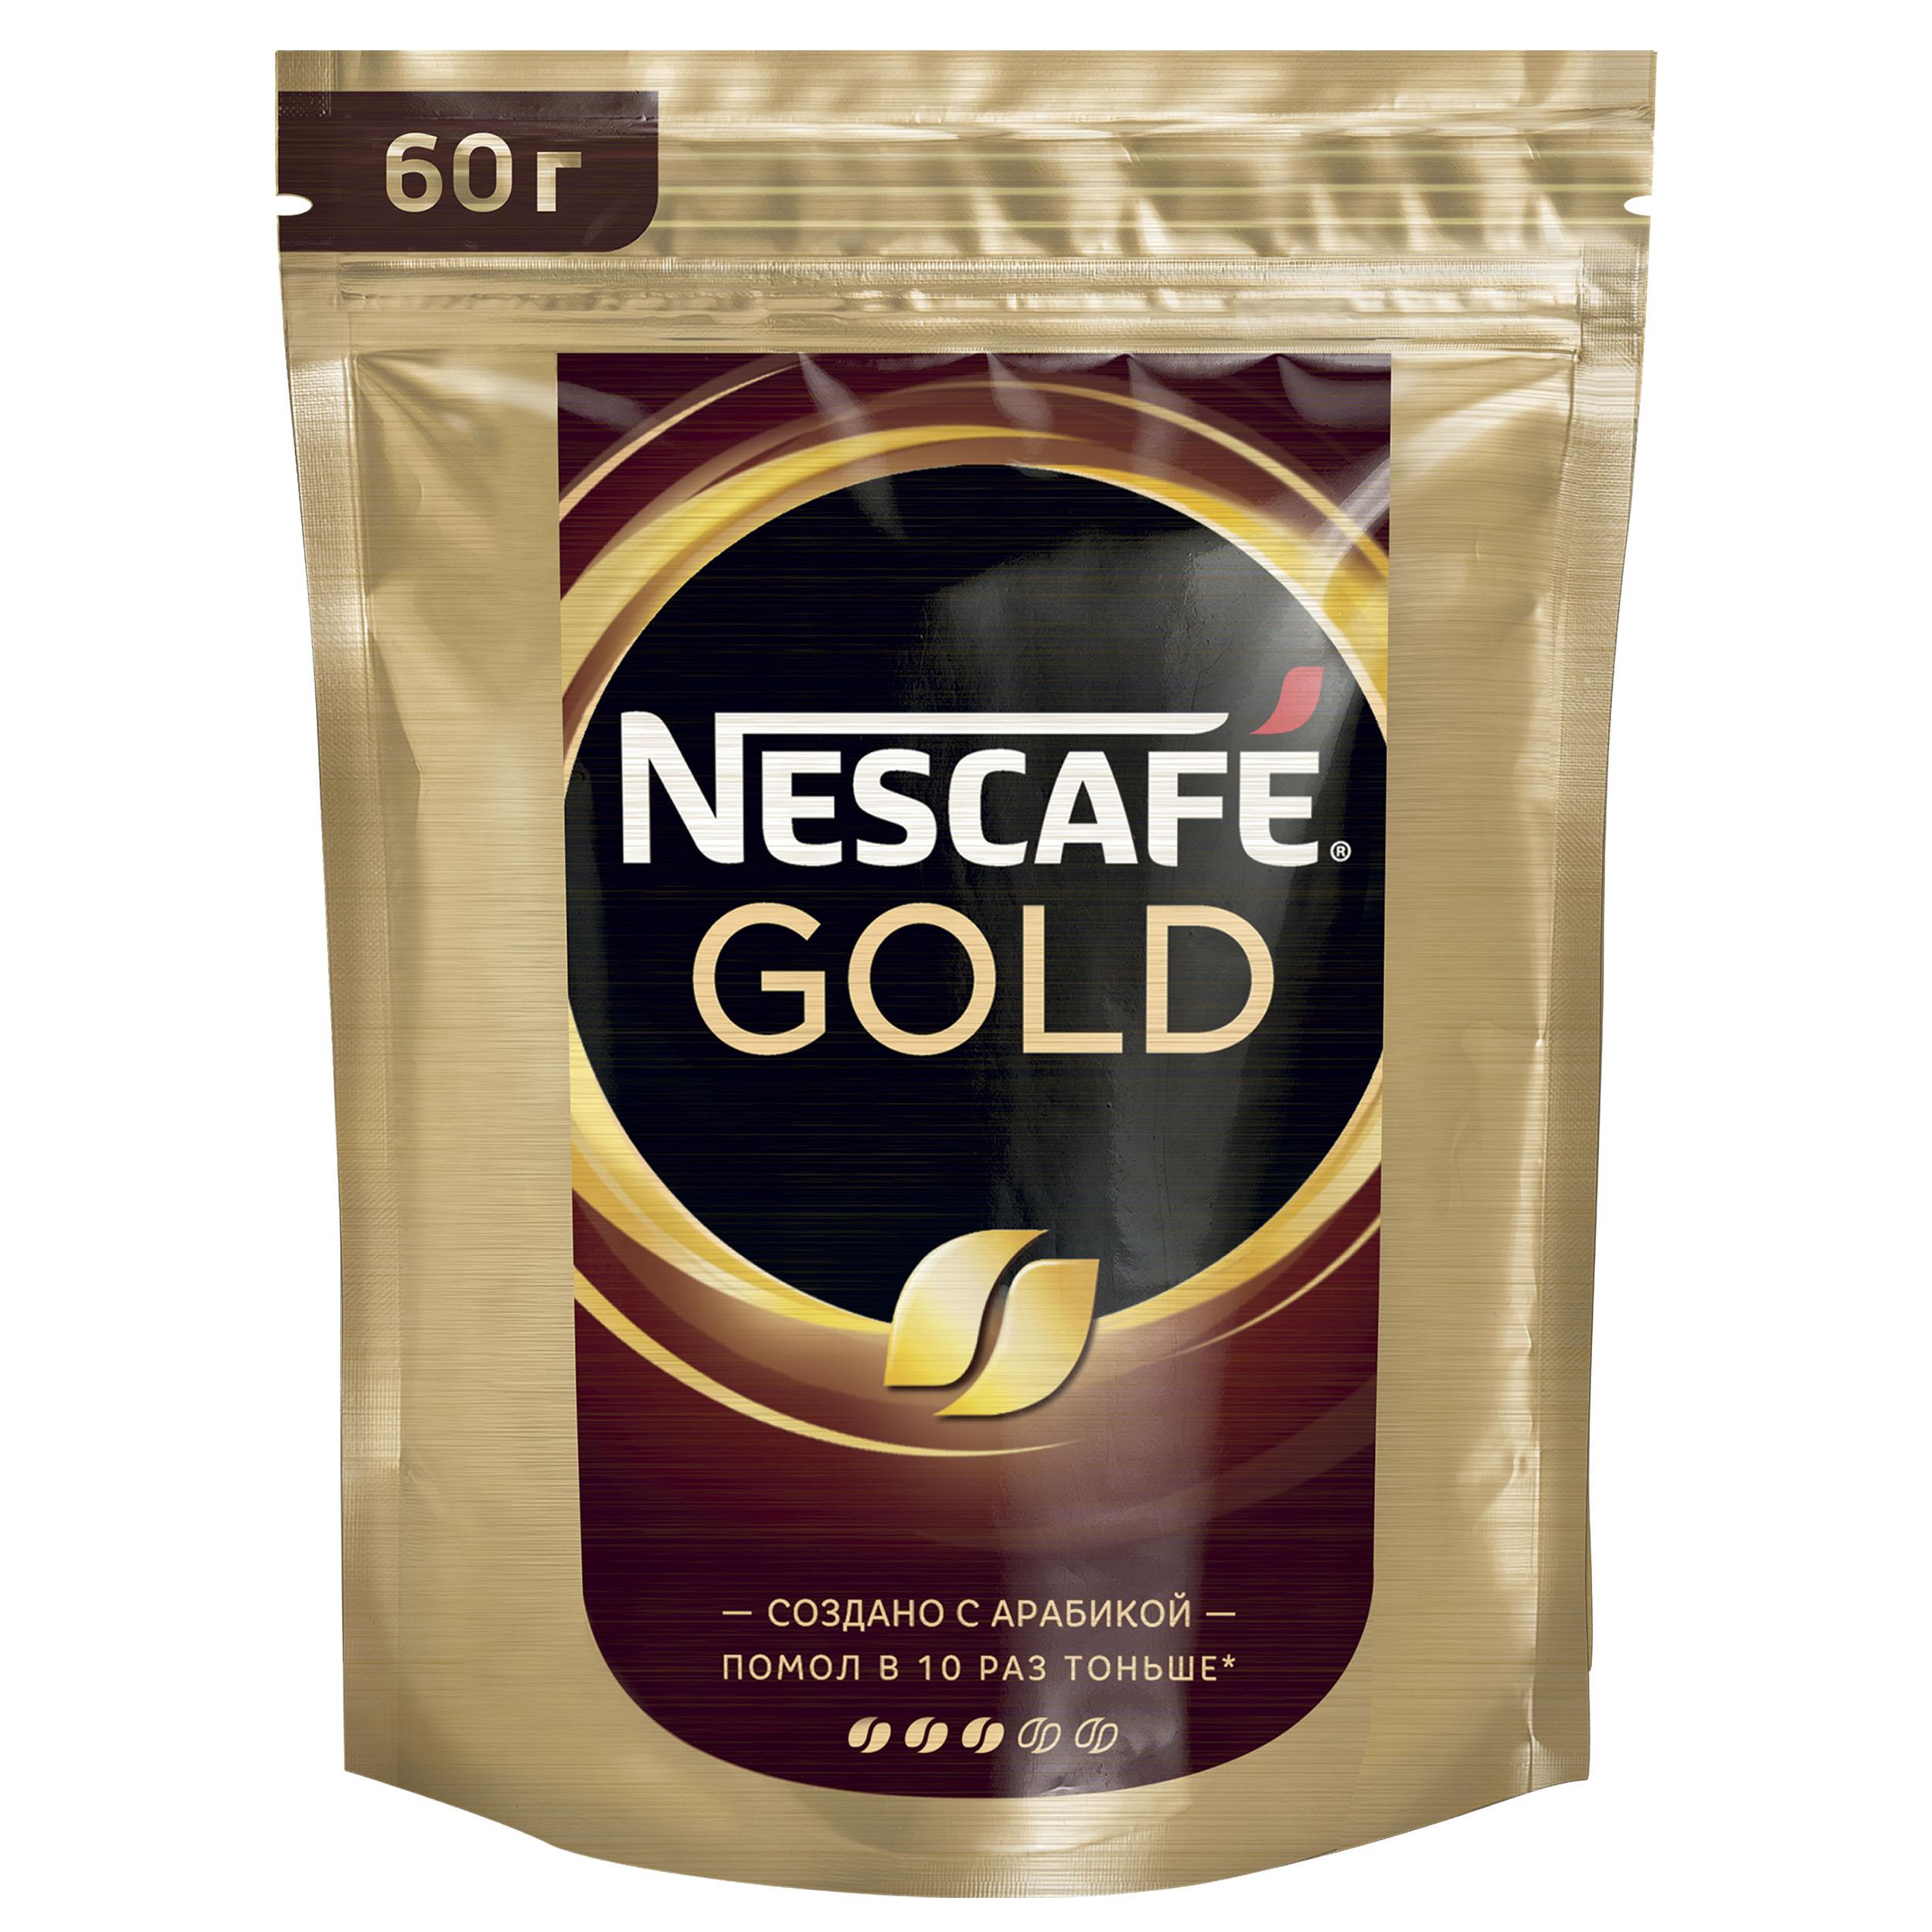 Кофе растворимый Nescafe gold сублимированный пакет 60 г